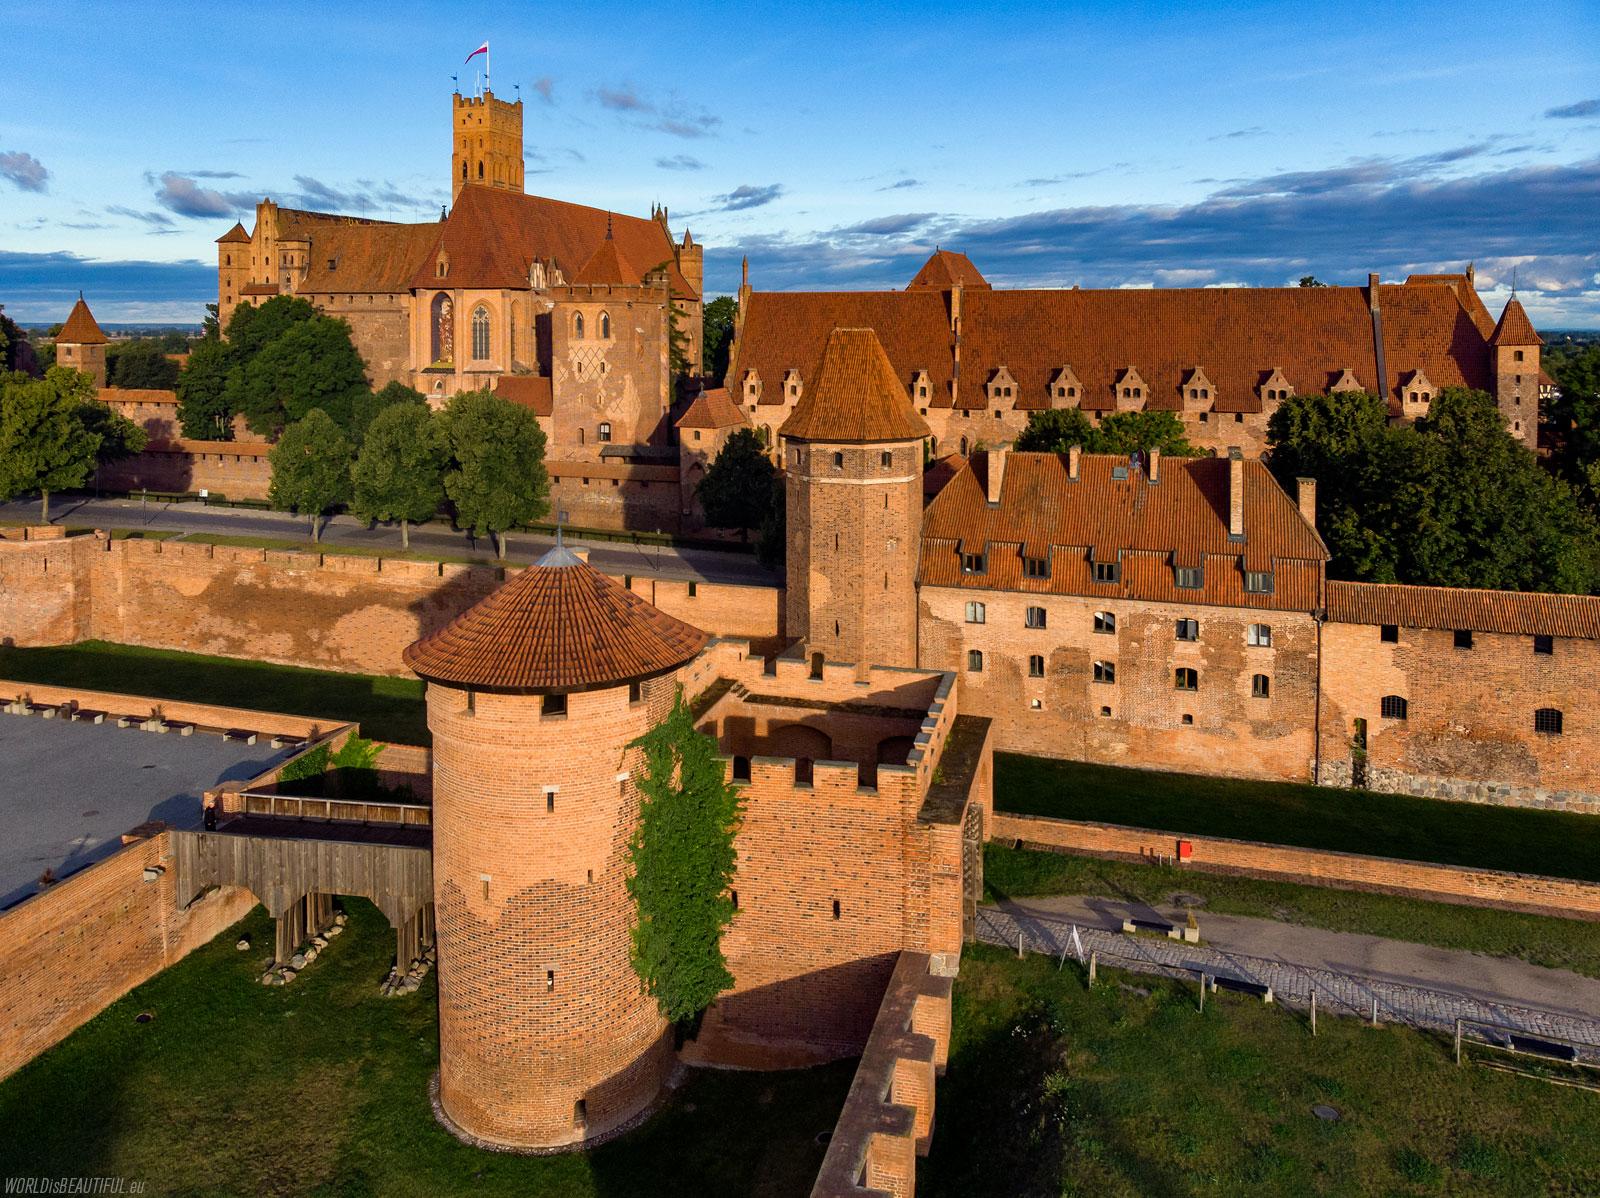 Castle museum in Malbork